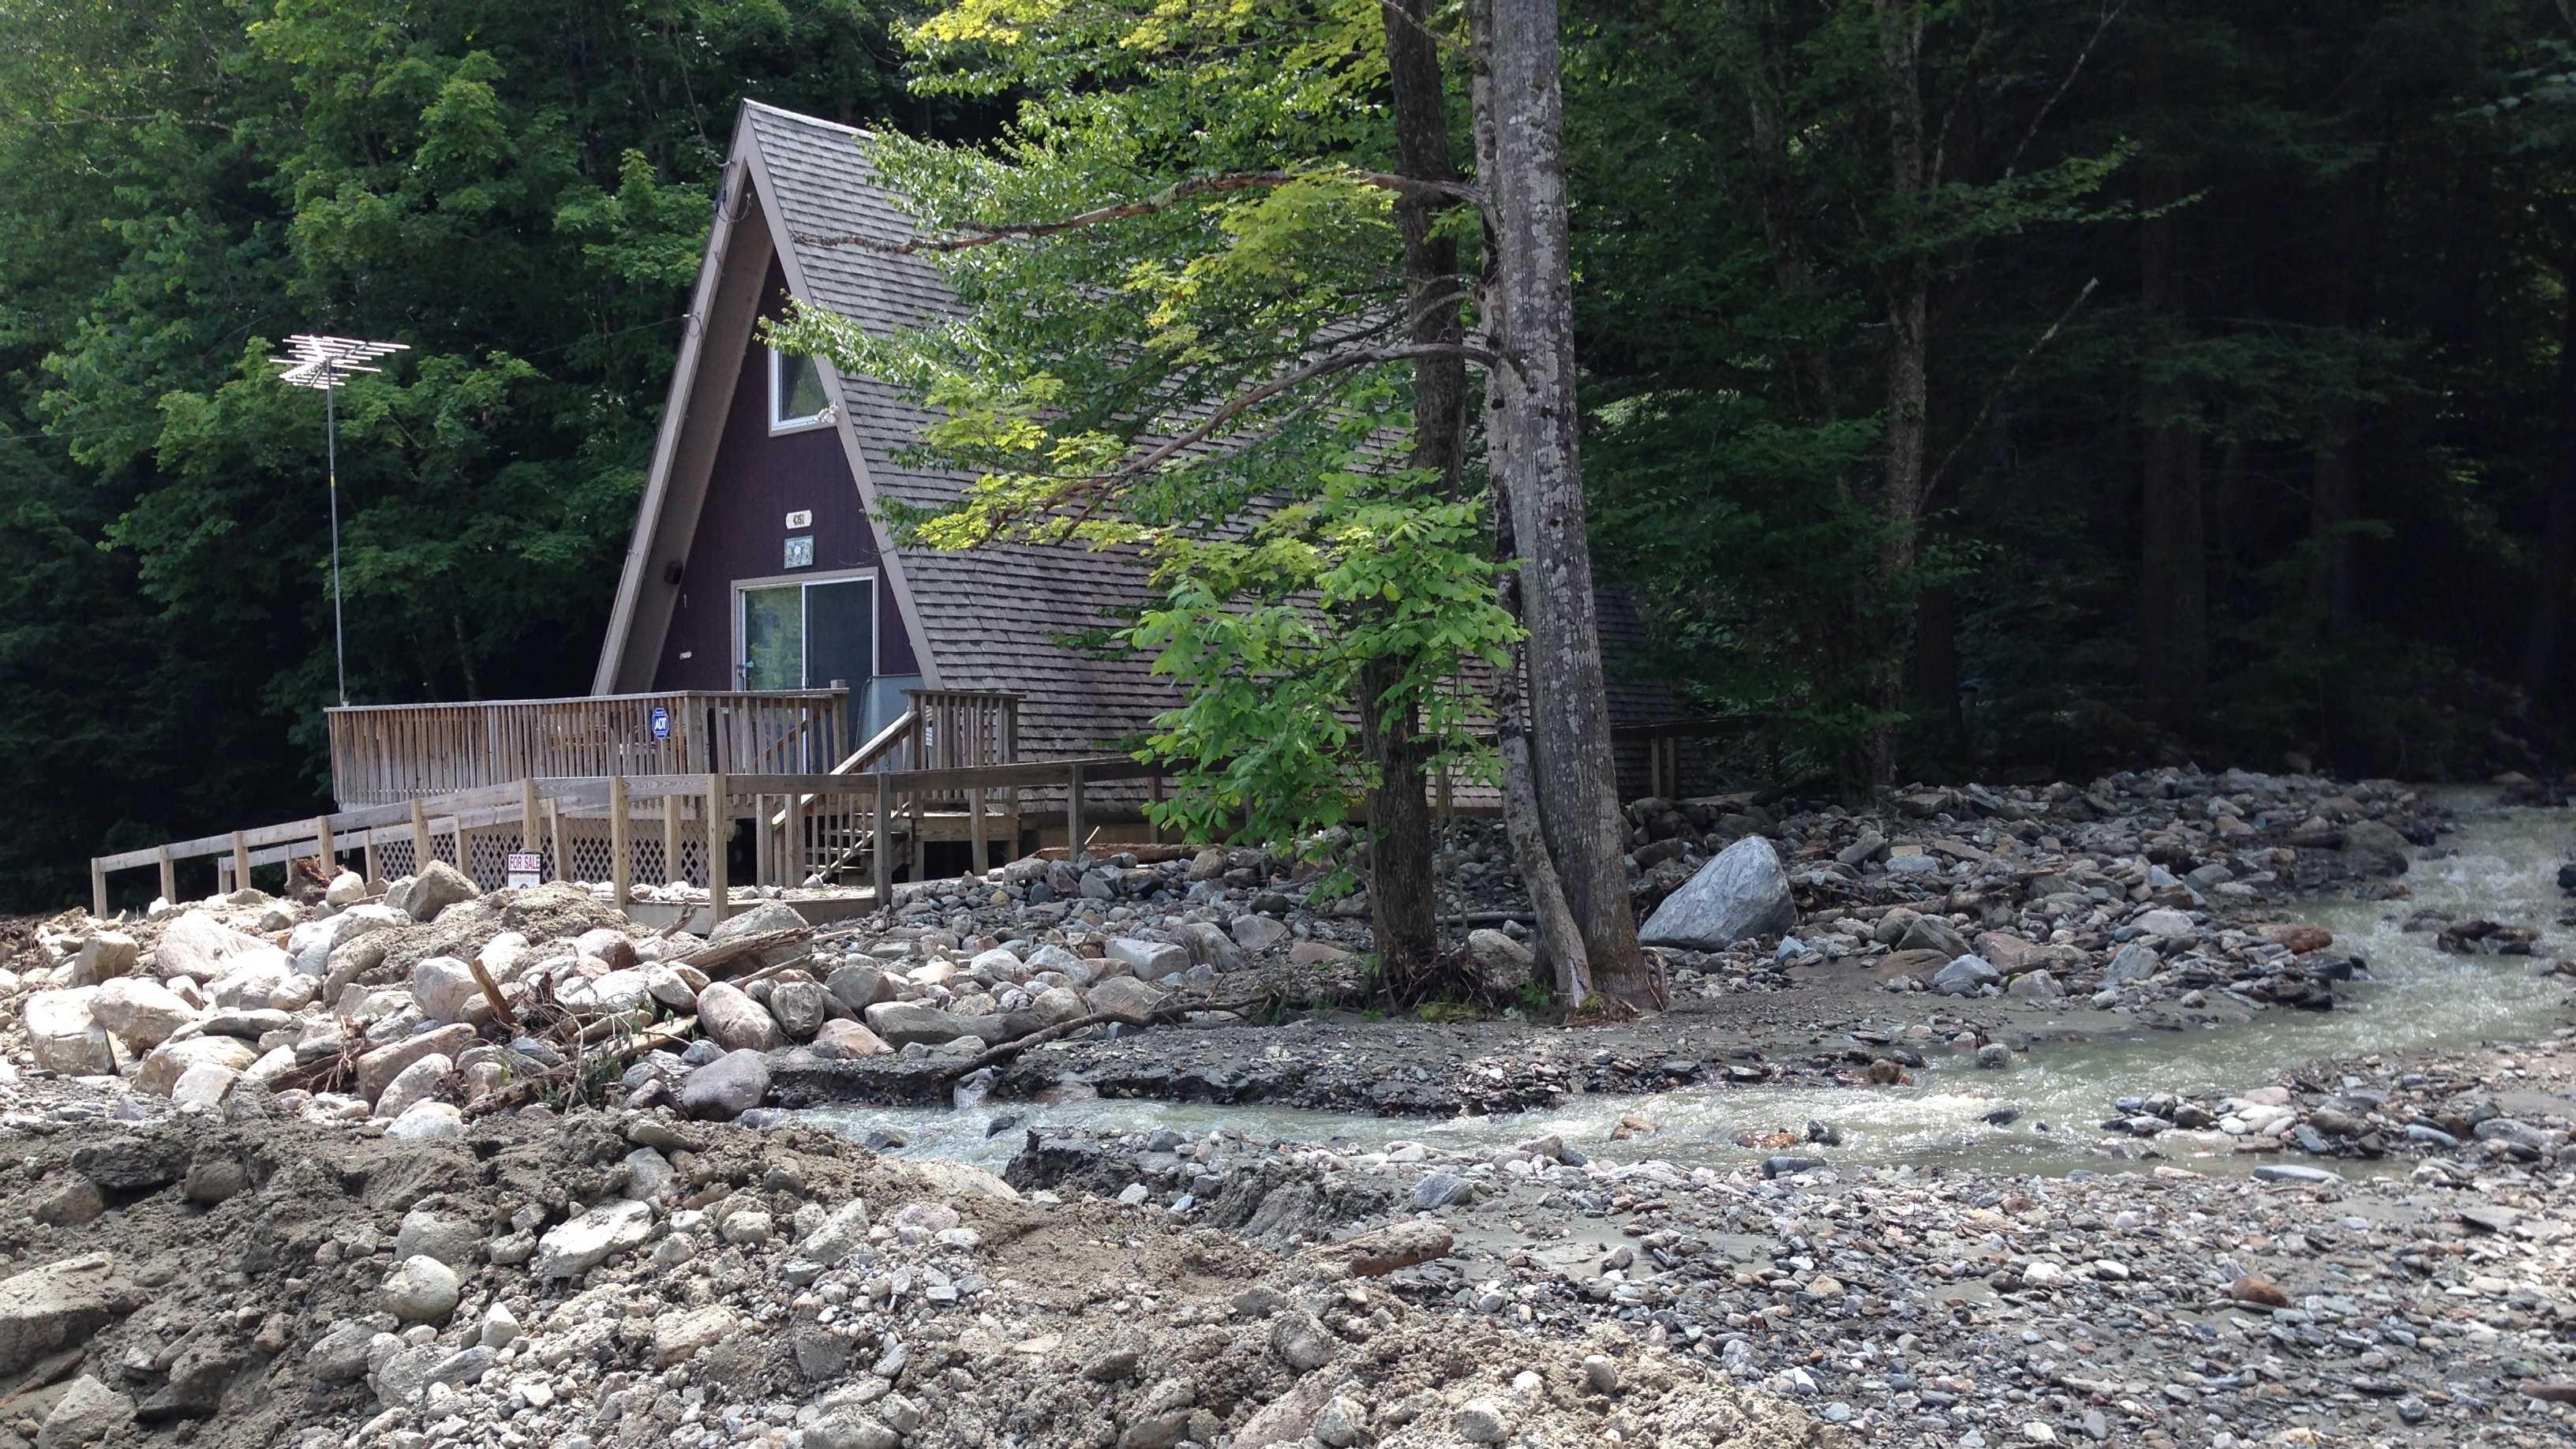 'Mind-boggling' flooding ravages Vt. home 7-30-14 img